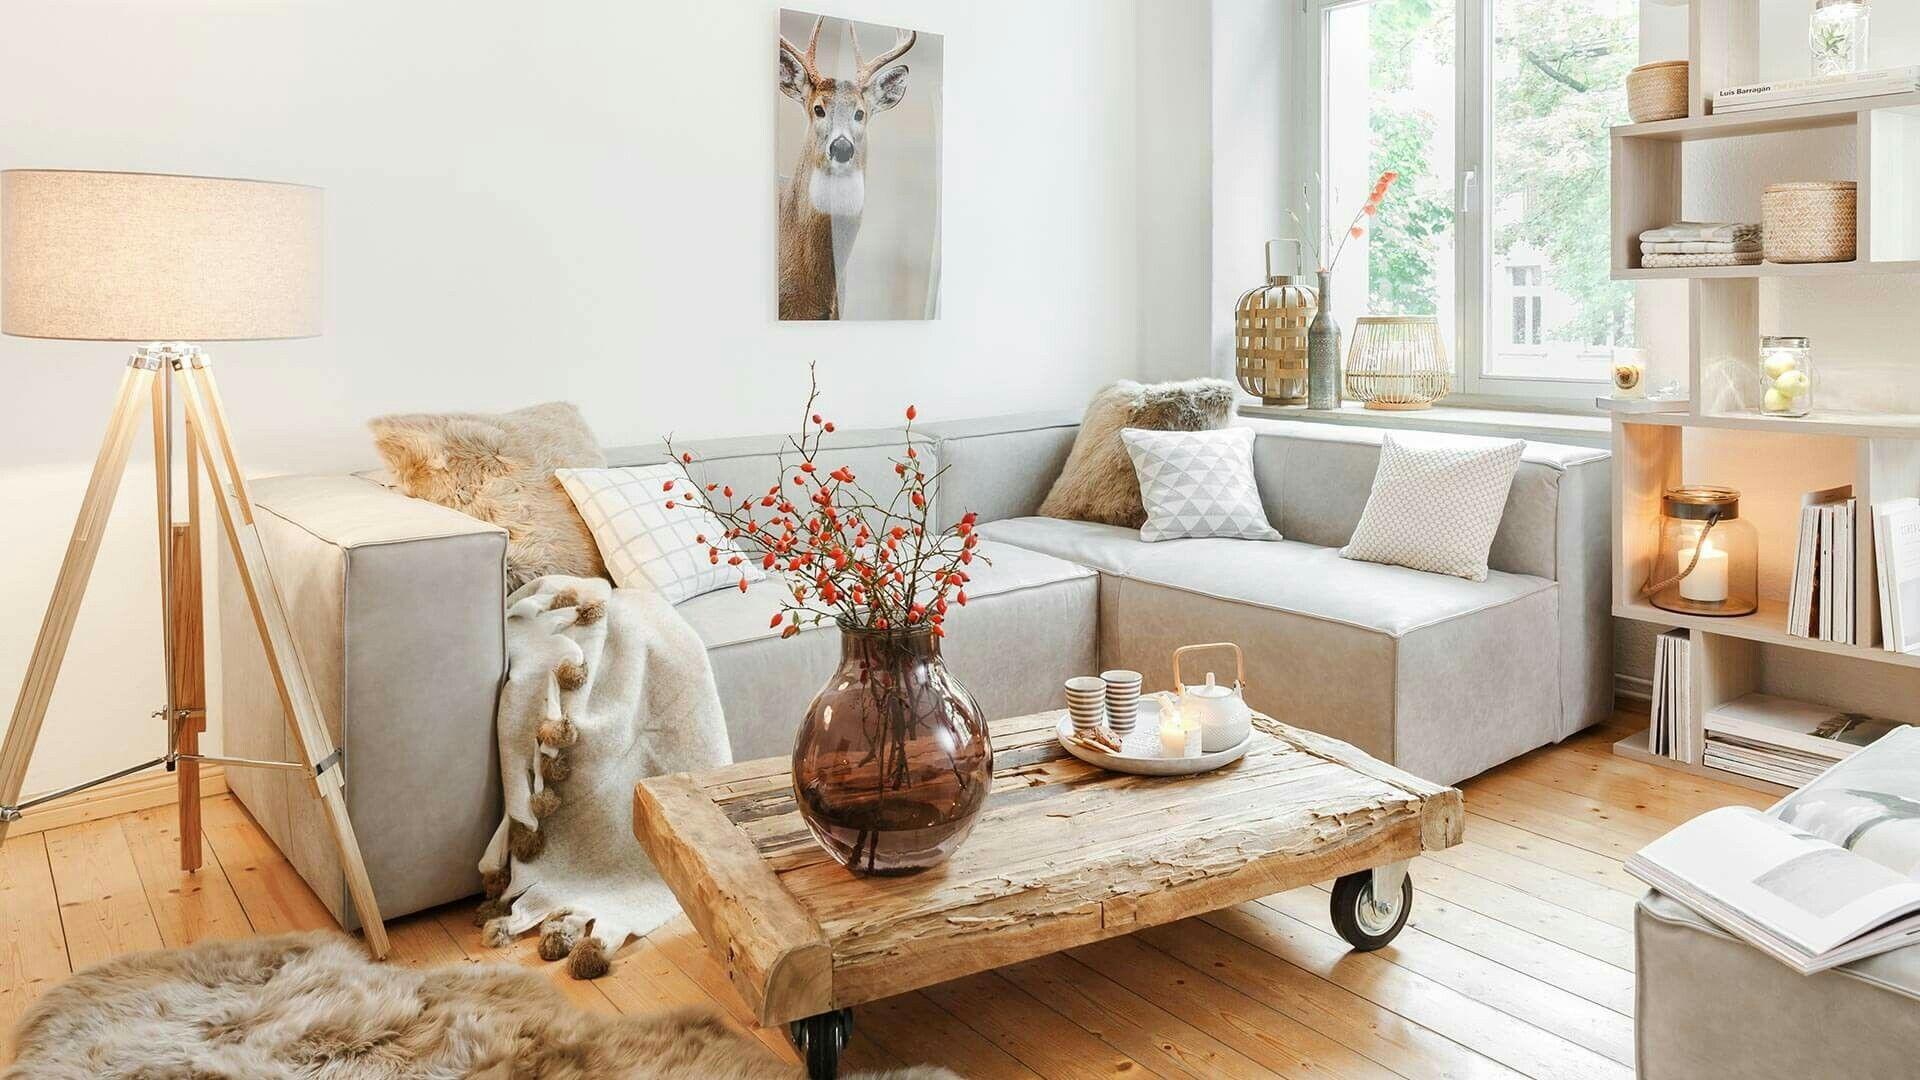 Pin von Claudia auf Wohnzimmer ideen | Pinterest